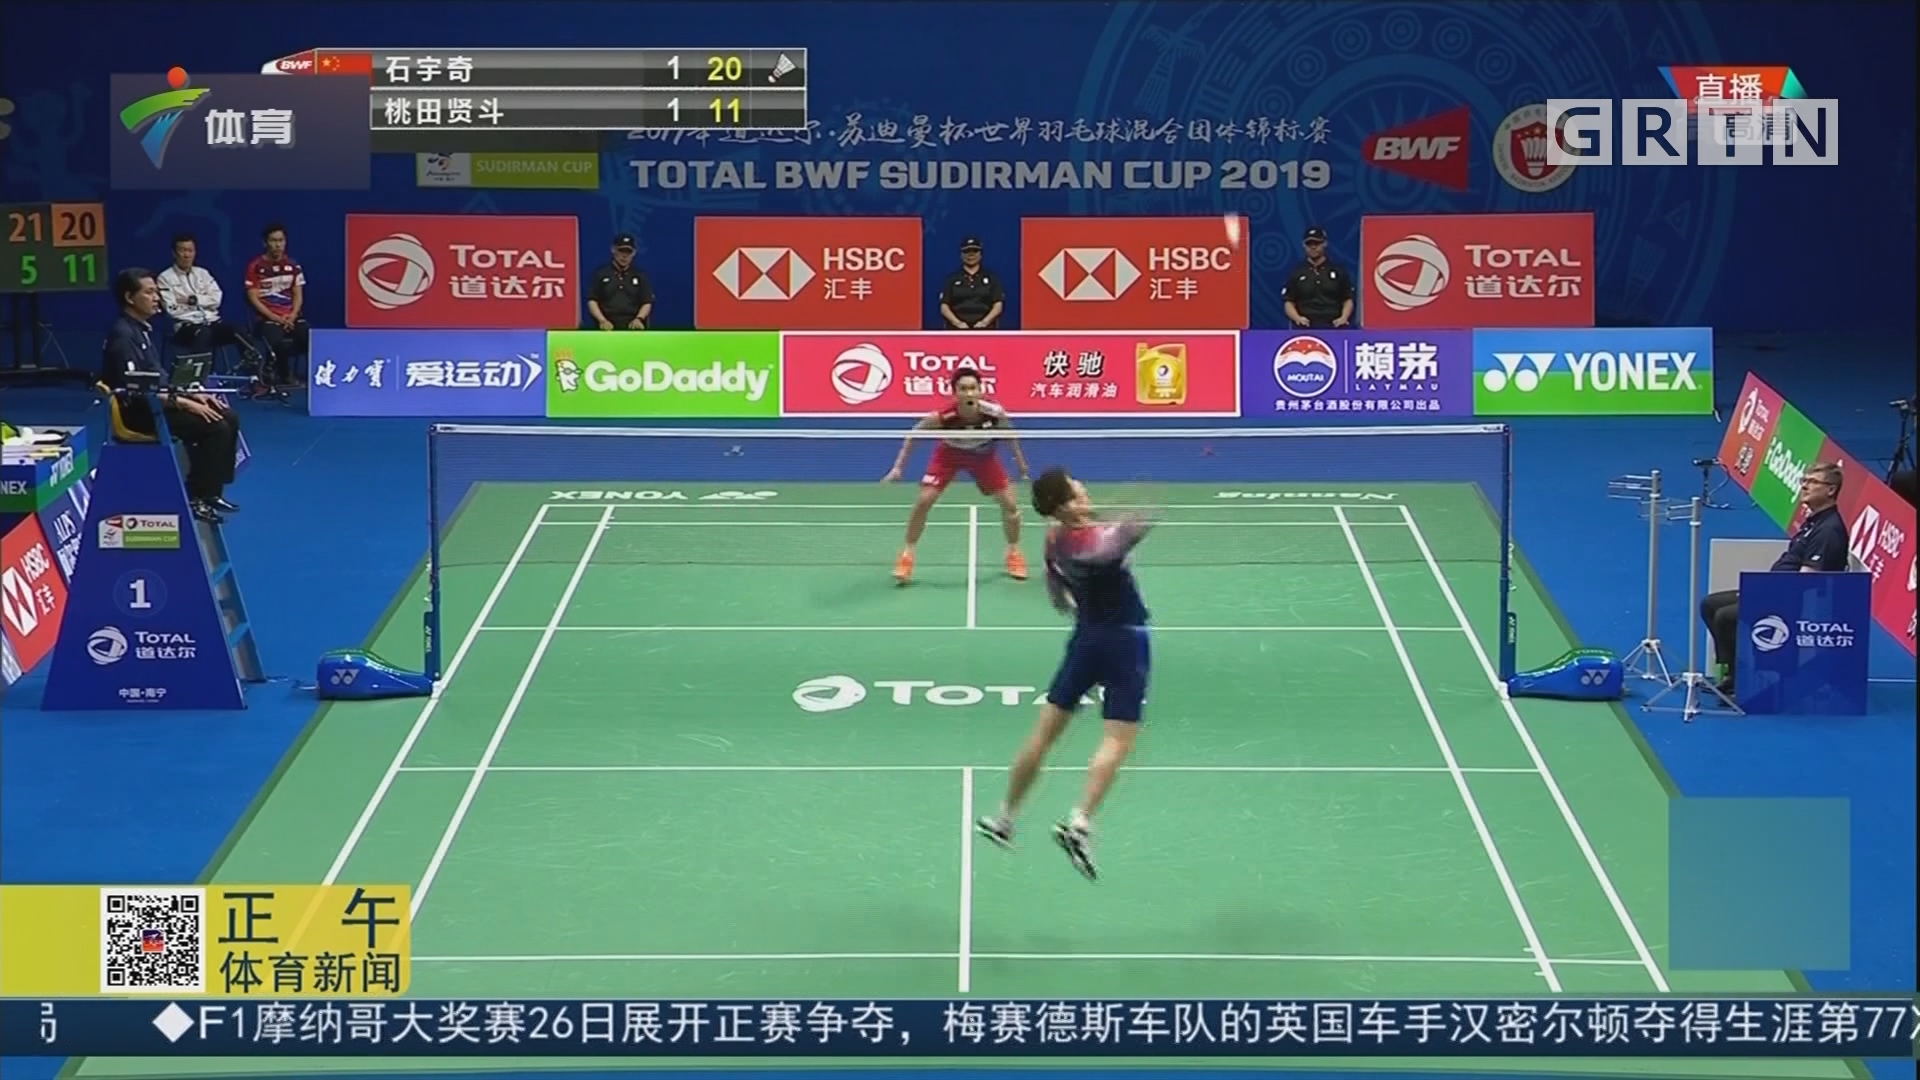 中国击败日本 夺得苏迪曼杯冠军